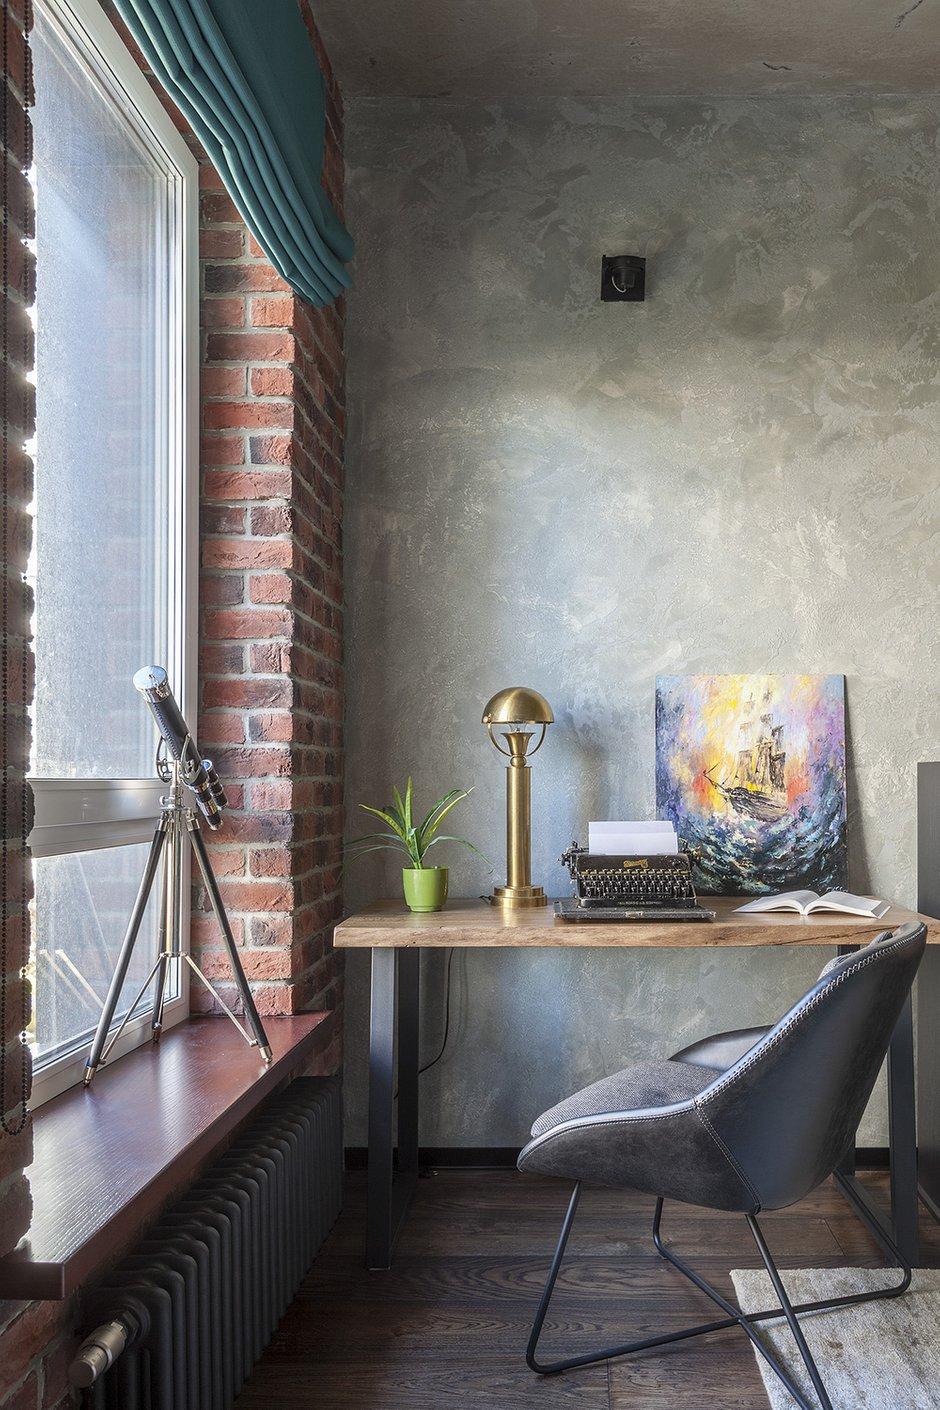 Фотография: Кабинет в стиле Лофт, Квартира, Проект недели, Москва, Ирина Большакова, 2 комнаты, 60-90 метров, Монолитно-кирпичный – фото на INMYROOM